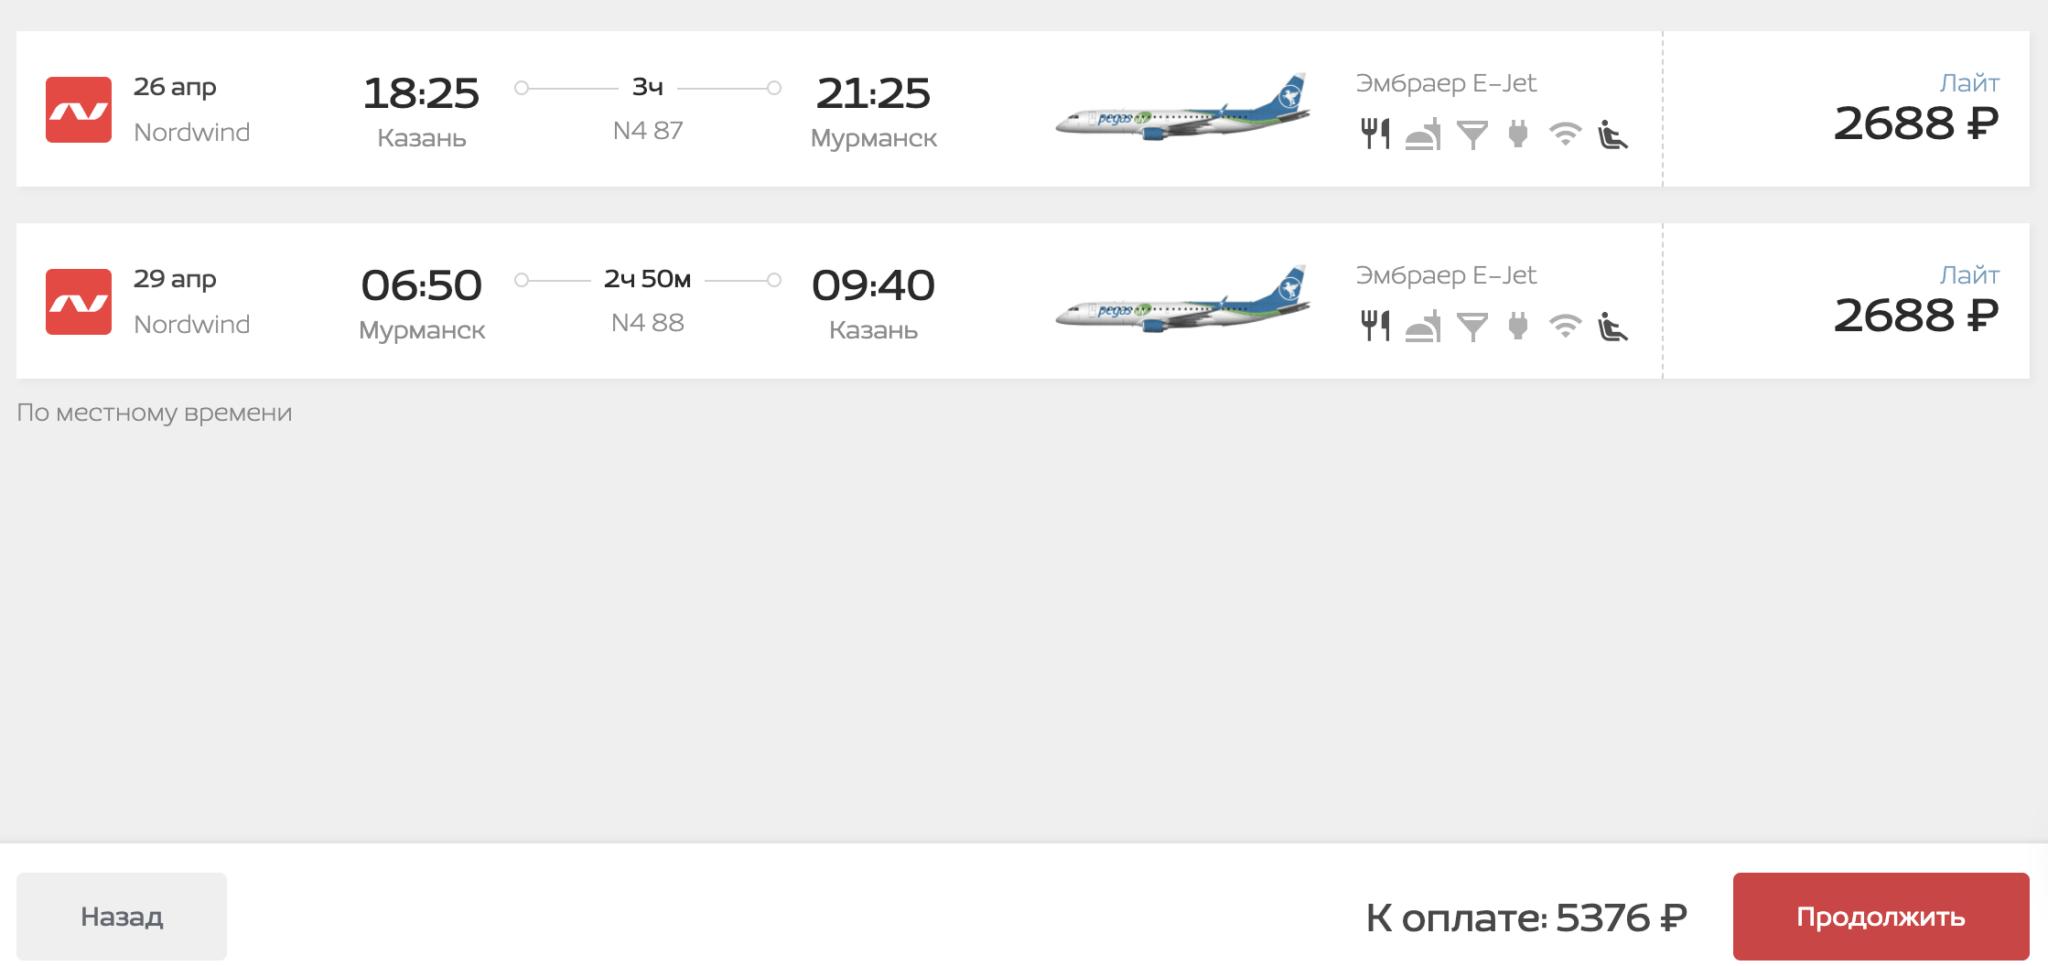 Прямые рейсы из Казани в Мурманск за 5400₽ туда-обратно в конце апреля